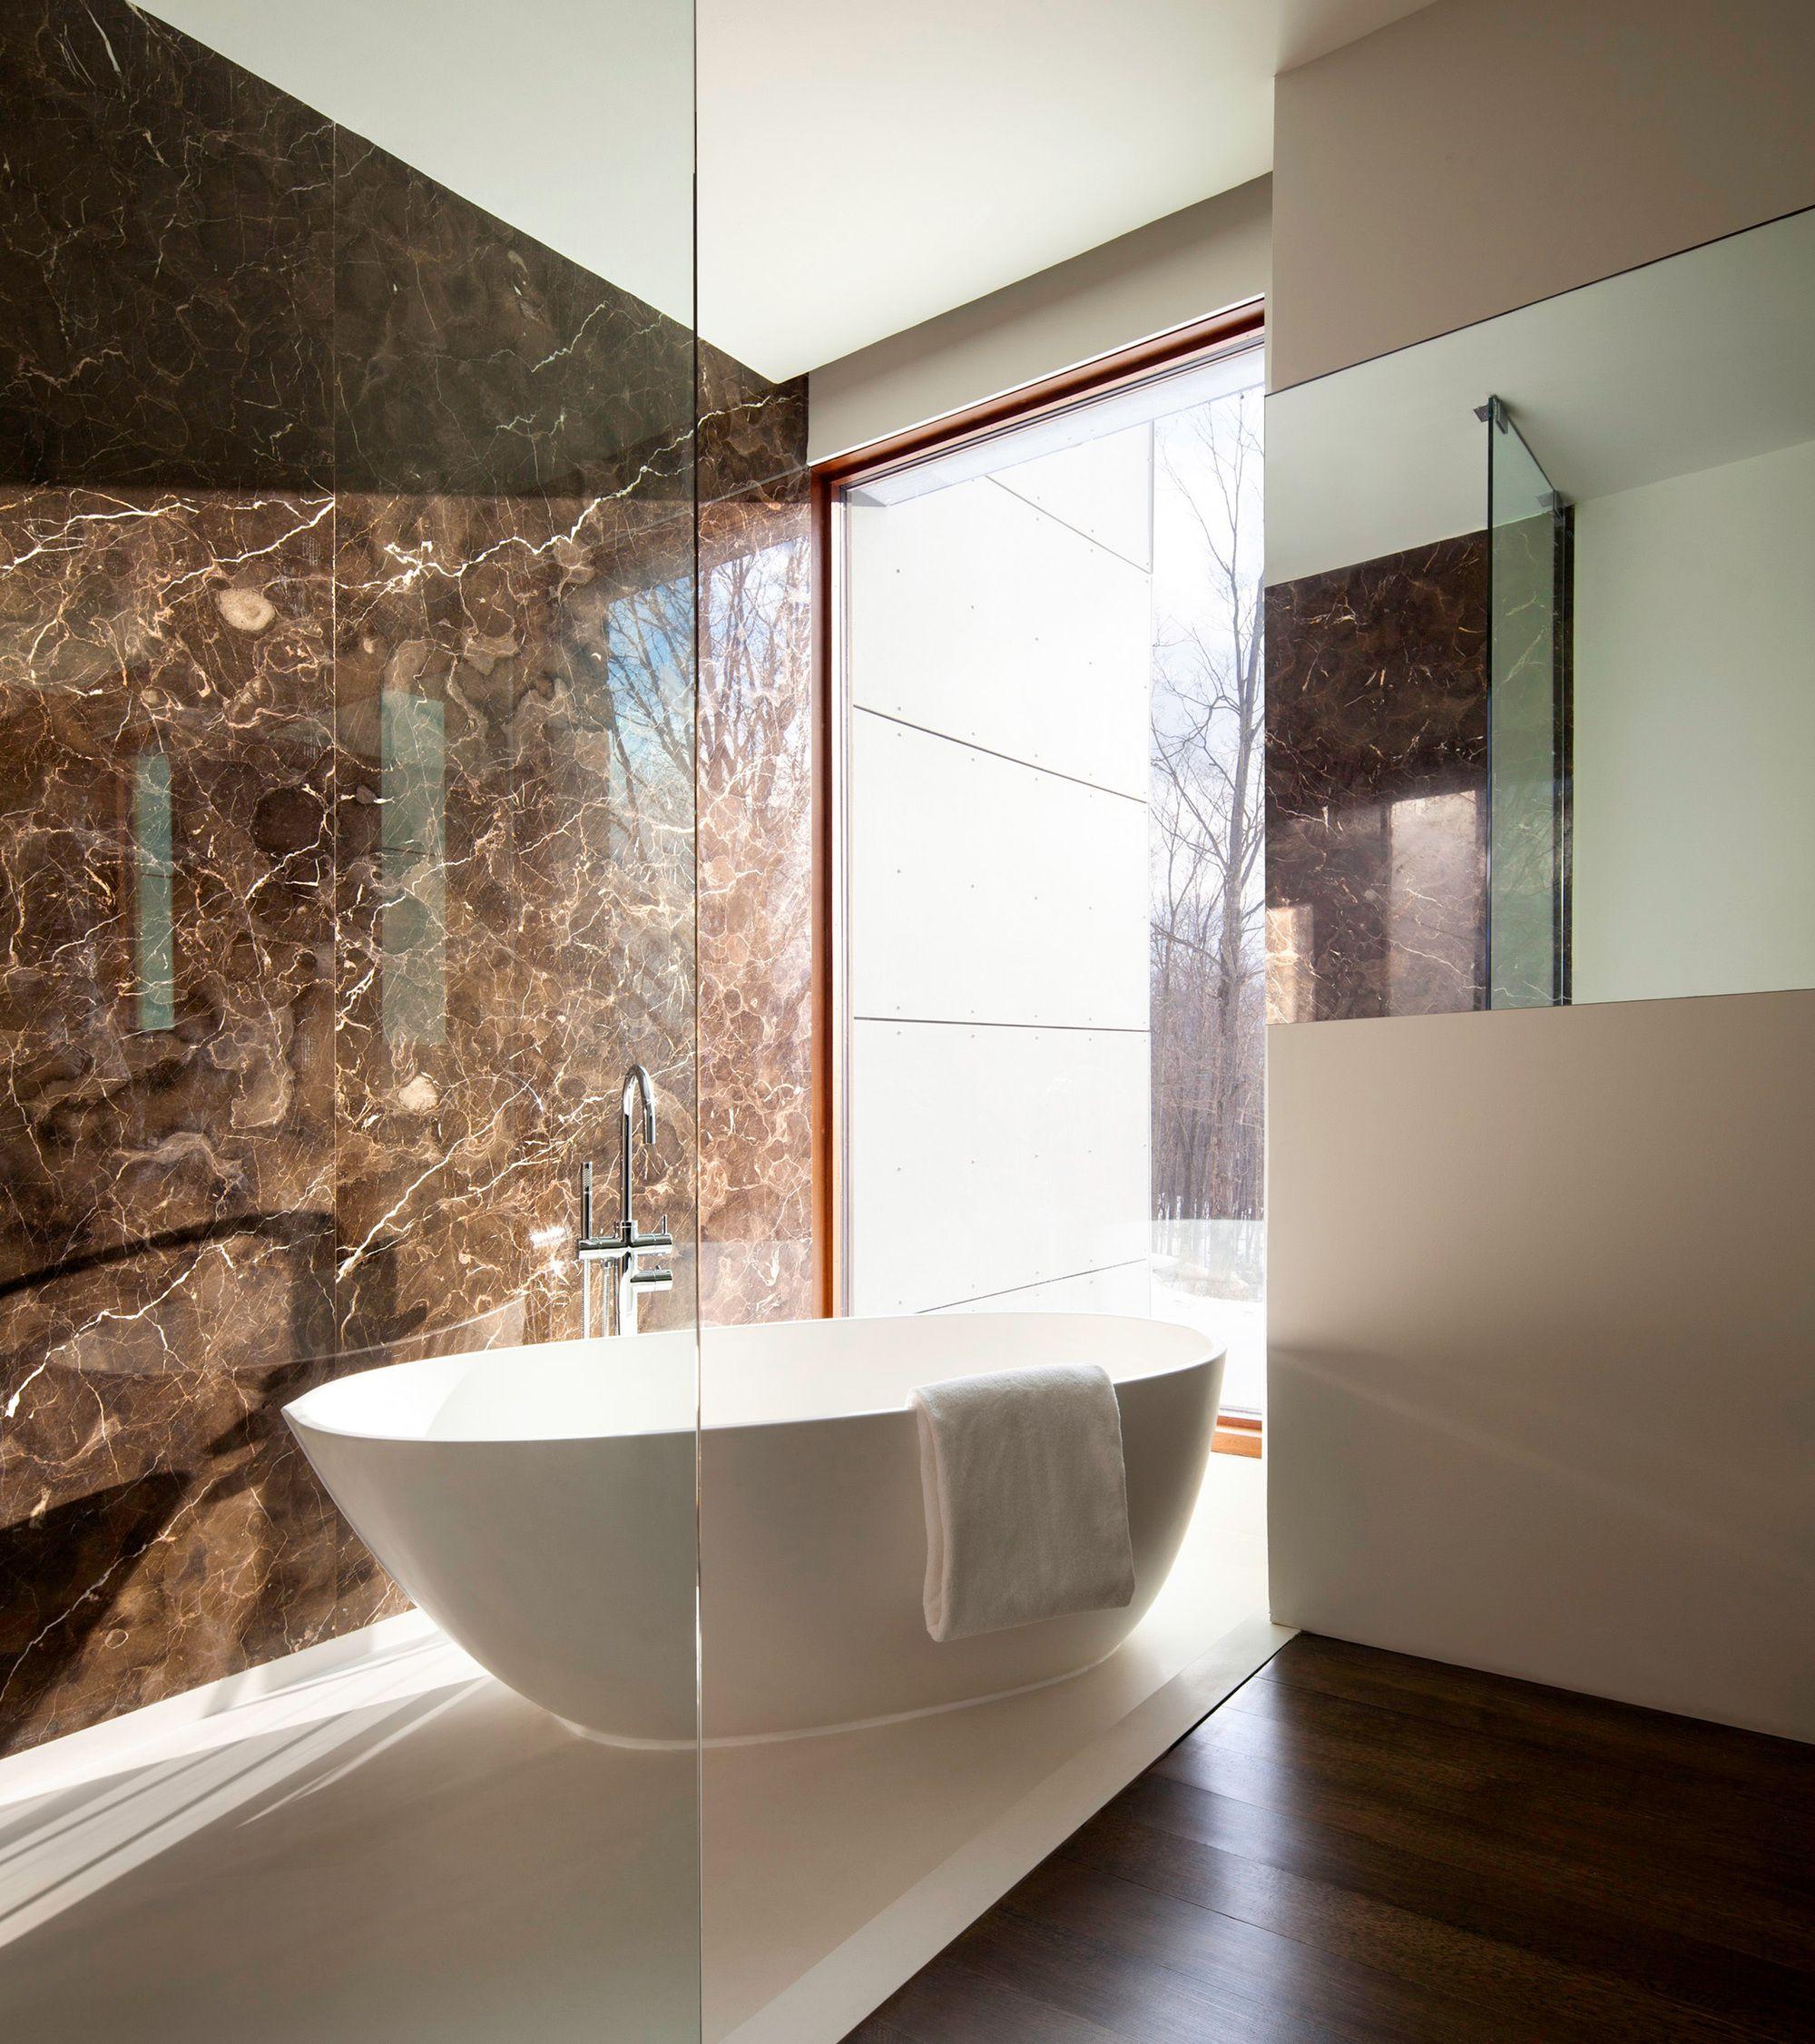 Salle De Bain Couleur Wenge ~ large image 2000 2252 inspiring bathrooms pinterest salle de